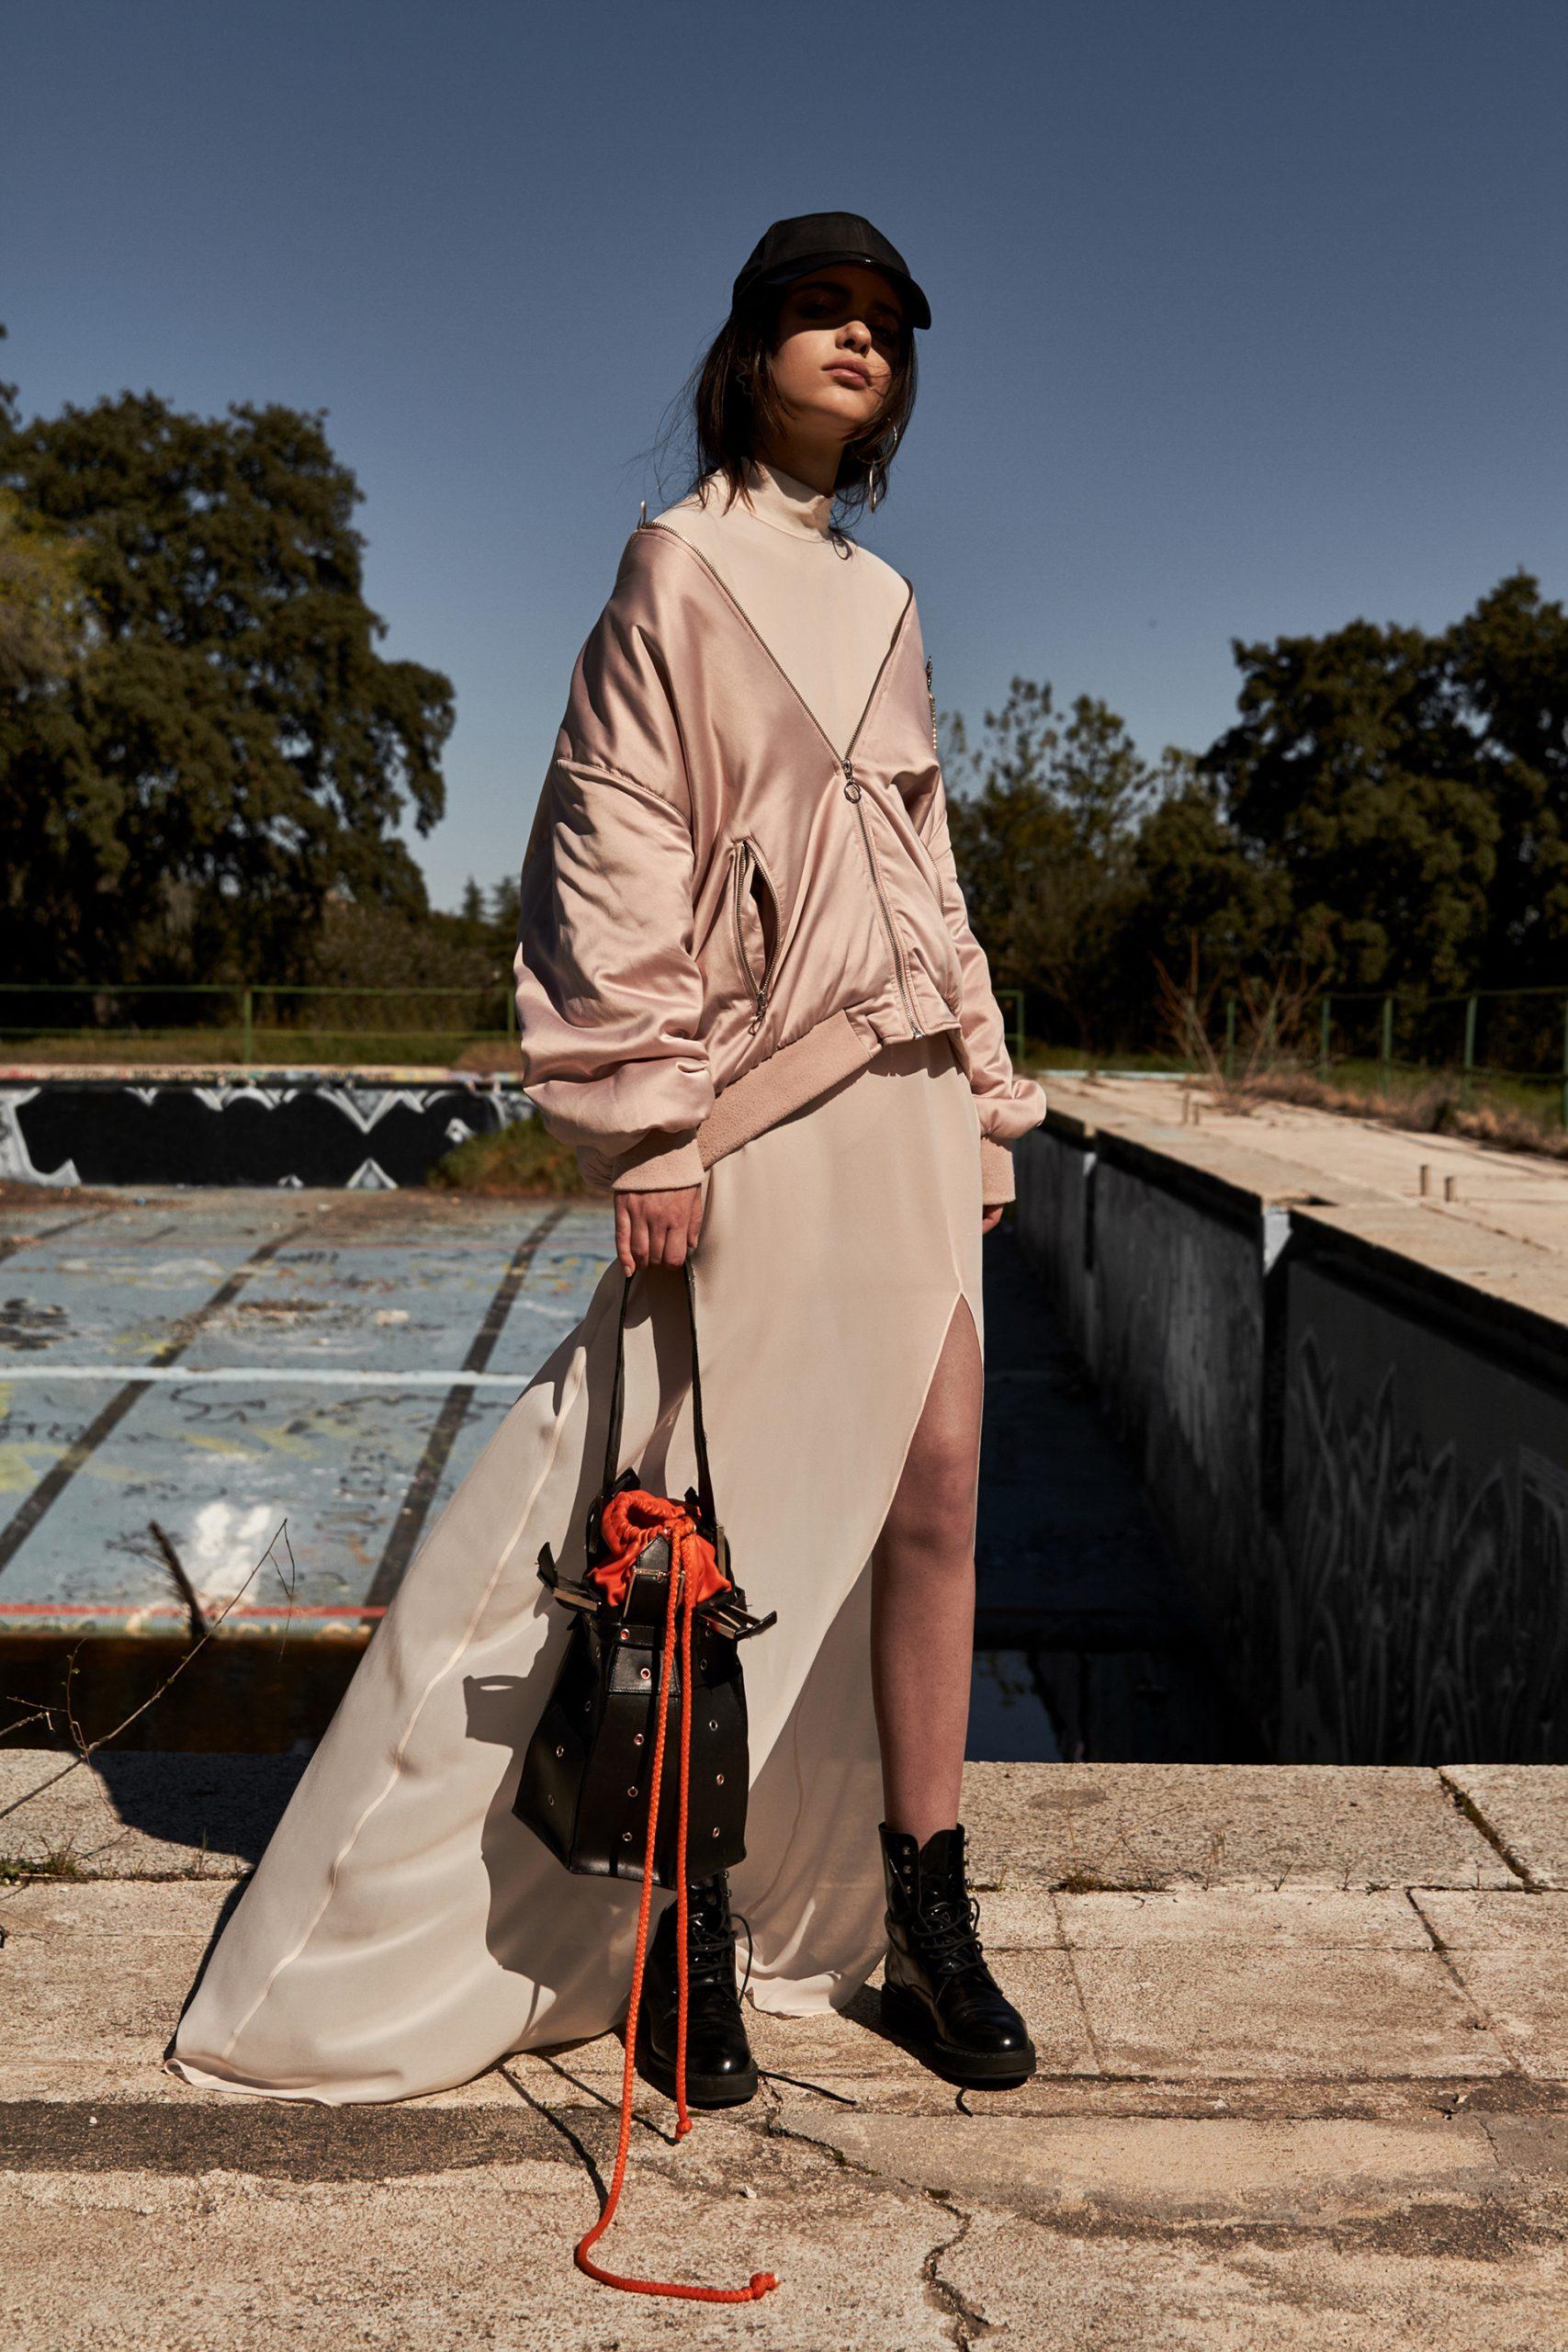 editoriale moda, fashion editorial, the fashion atlas, broad shoulders, Maria Sague Esquivias,